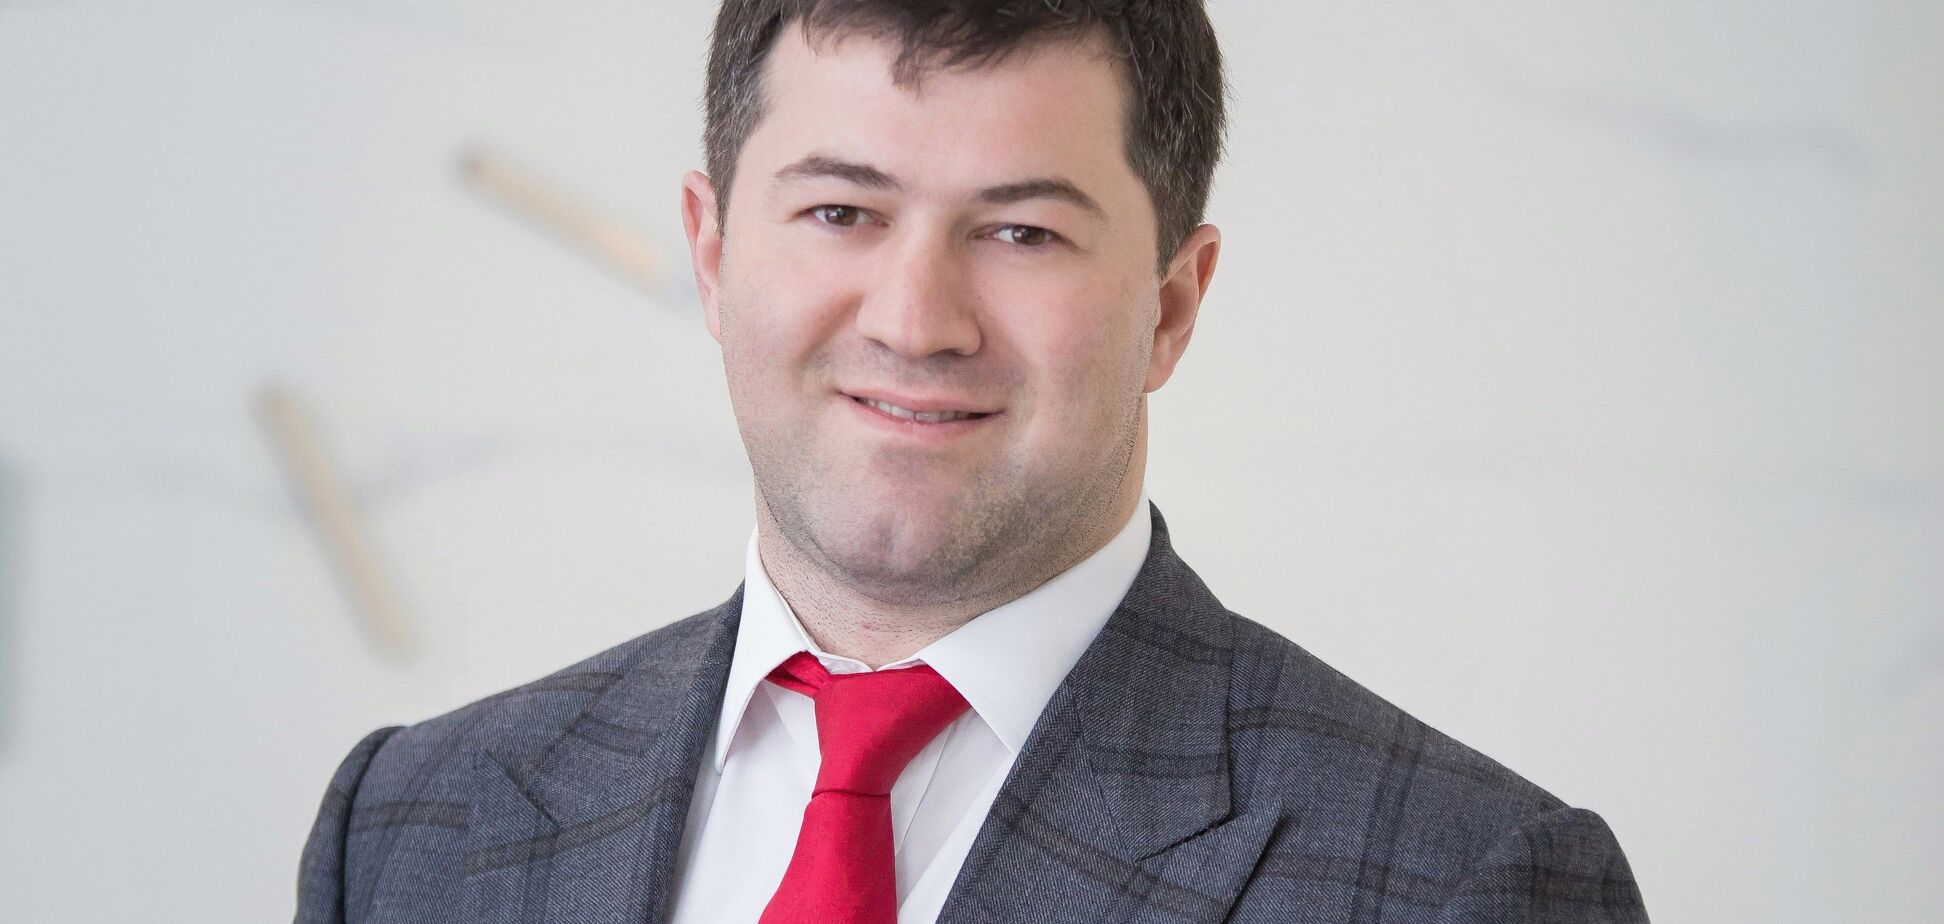 'Має всі шанси': політолог спрогнозував гучну перемогу Насирова в справі проти НАБУ